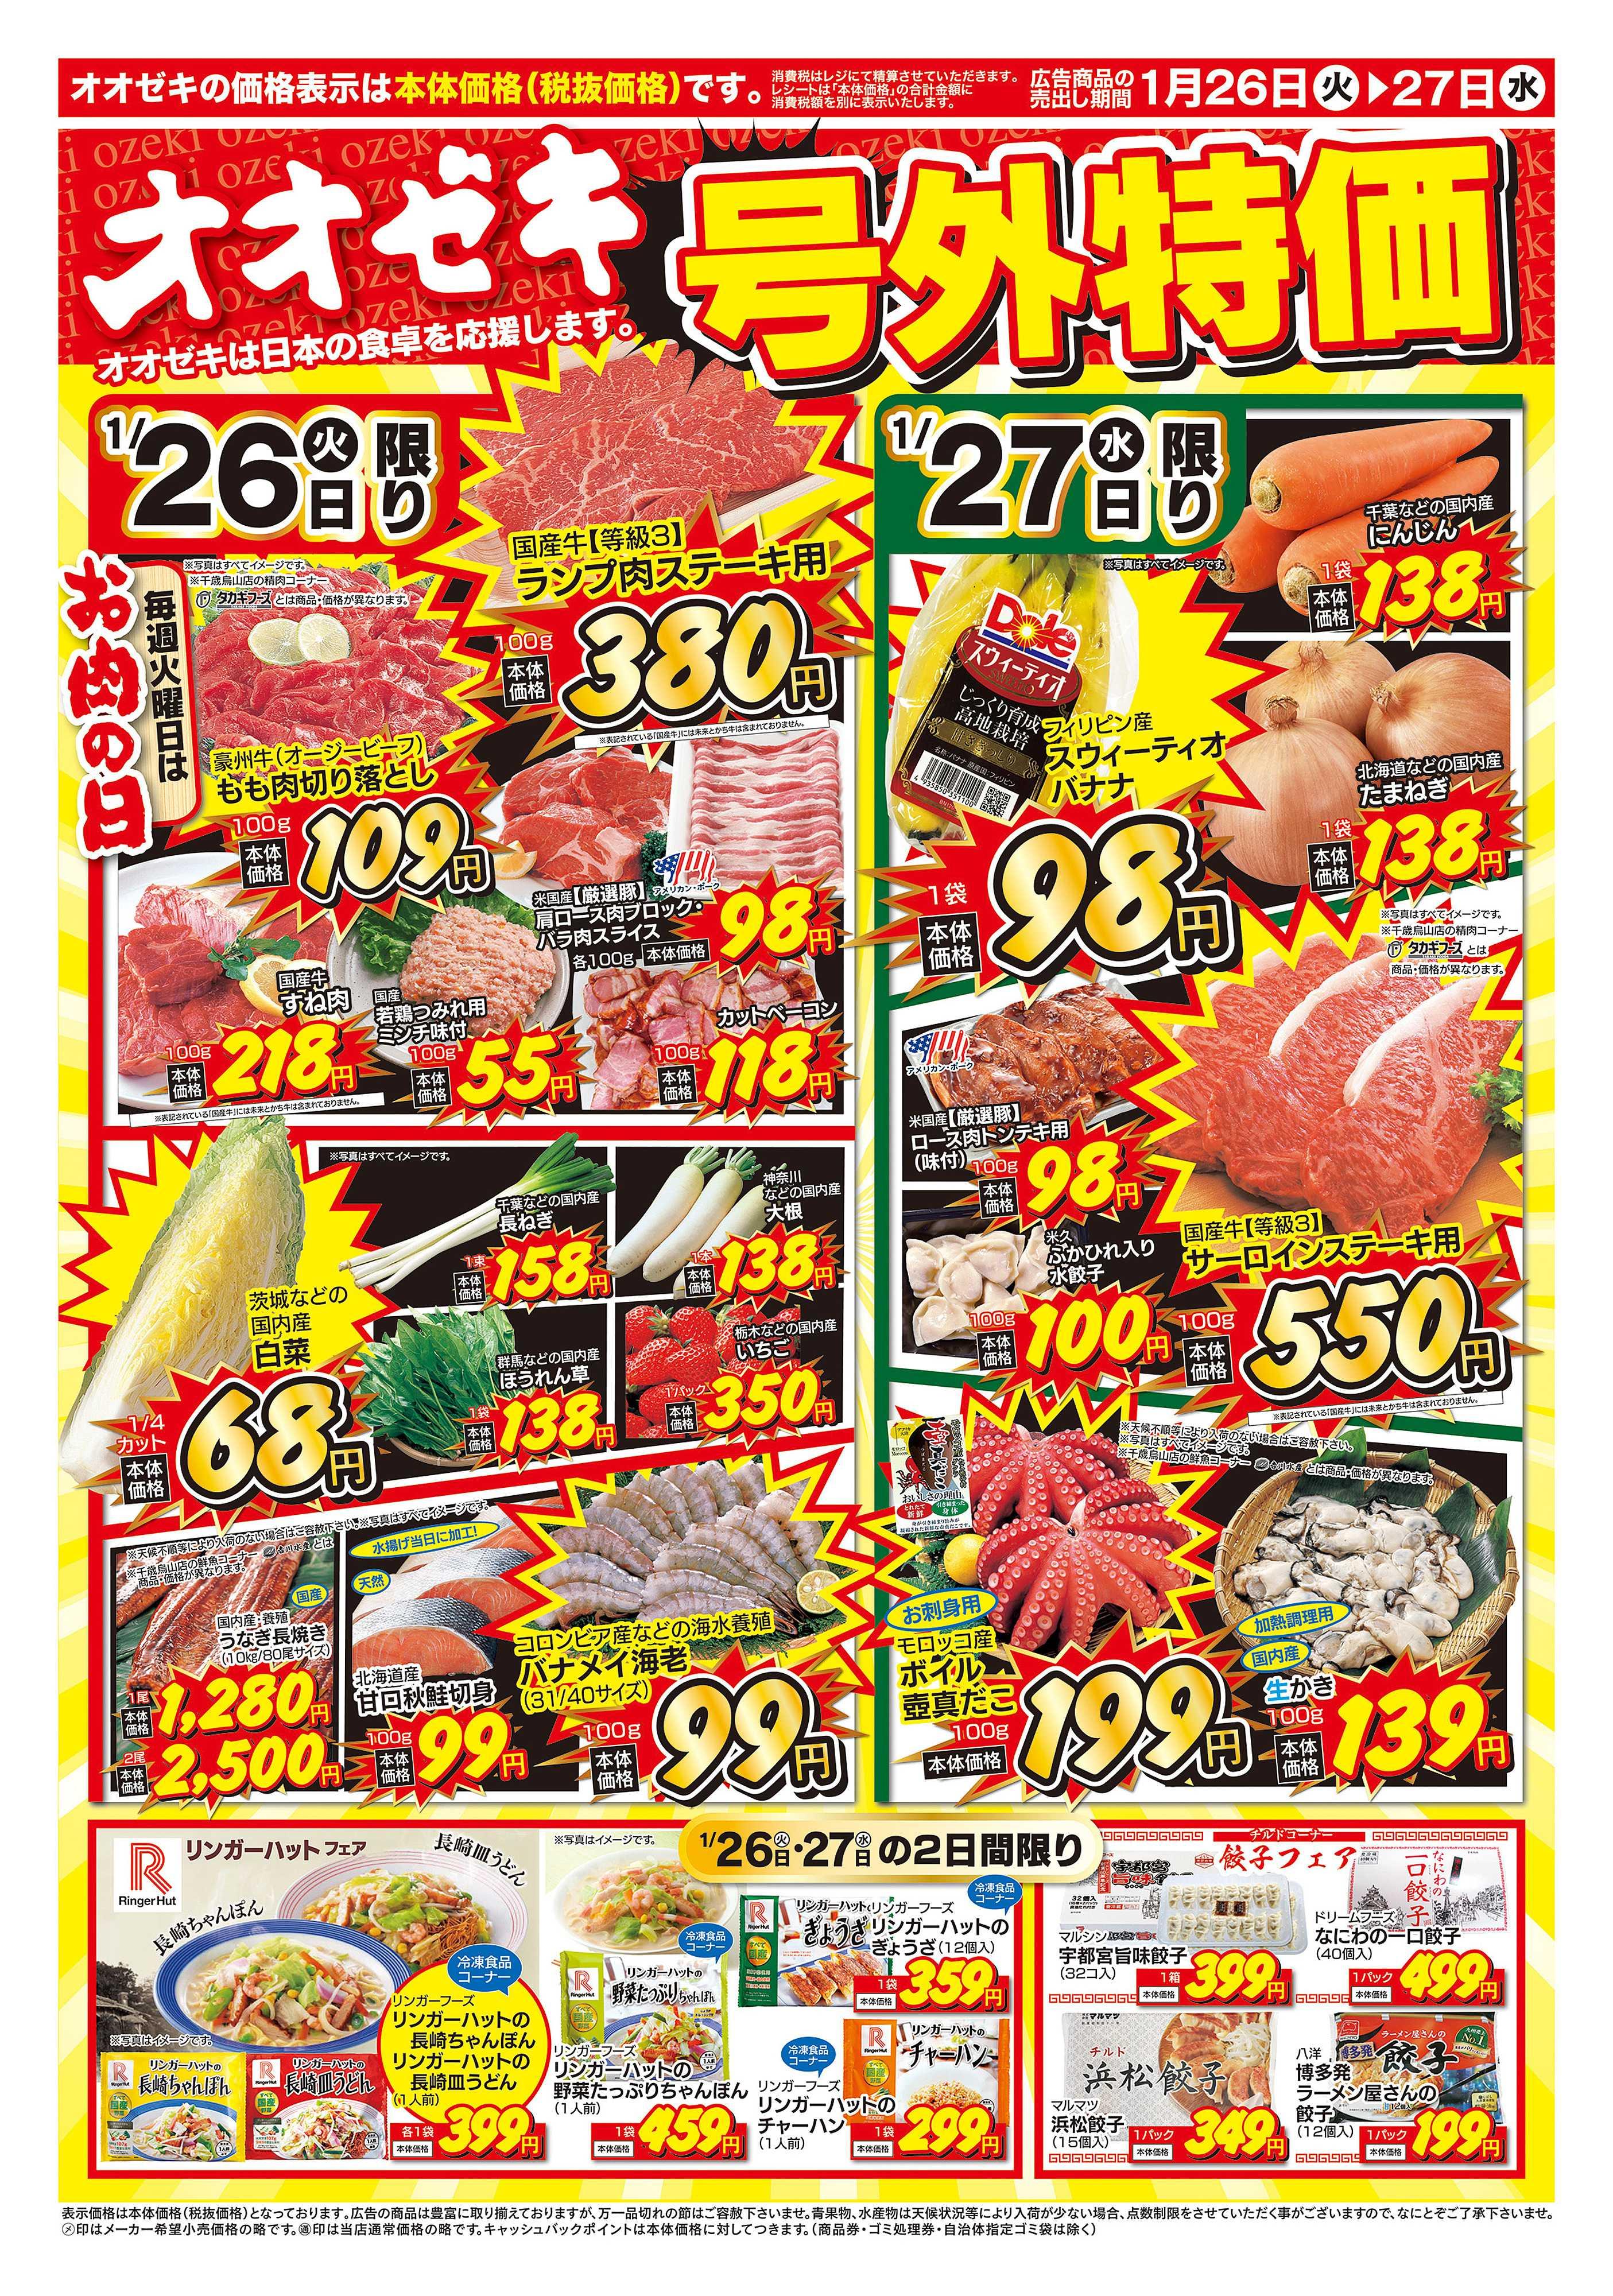 オオゼキ 1/26(火)~1/27(水)2日間限り 号外特価